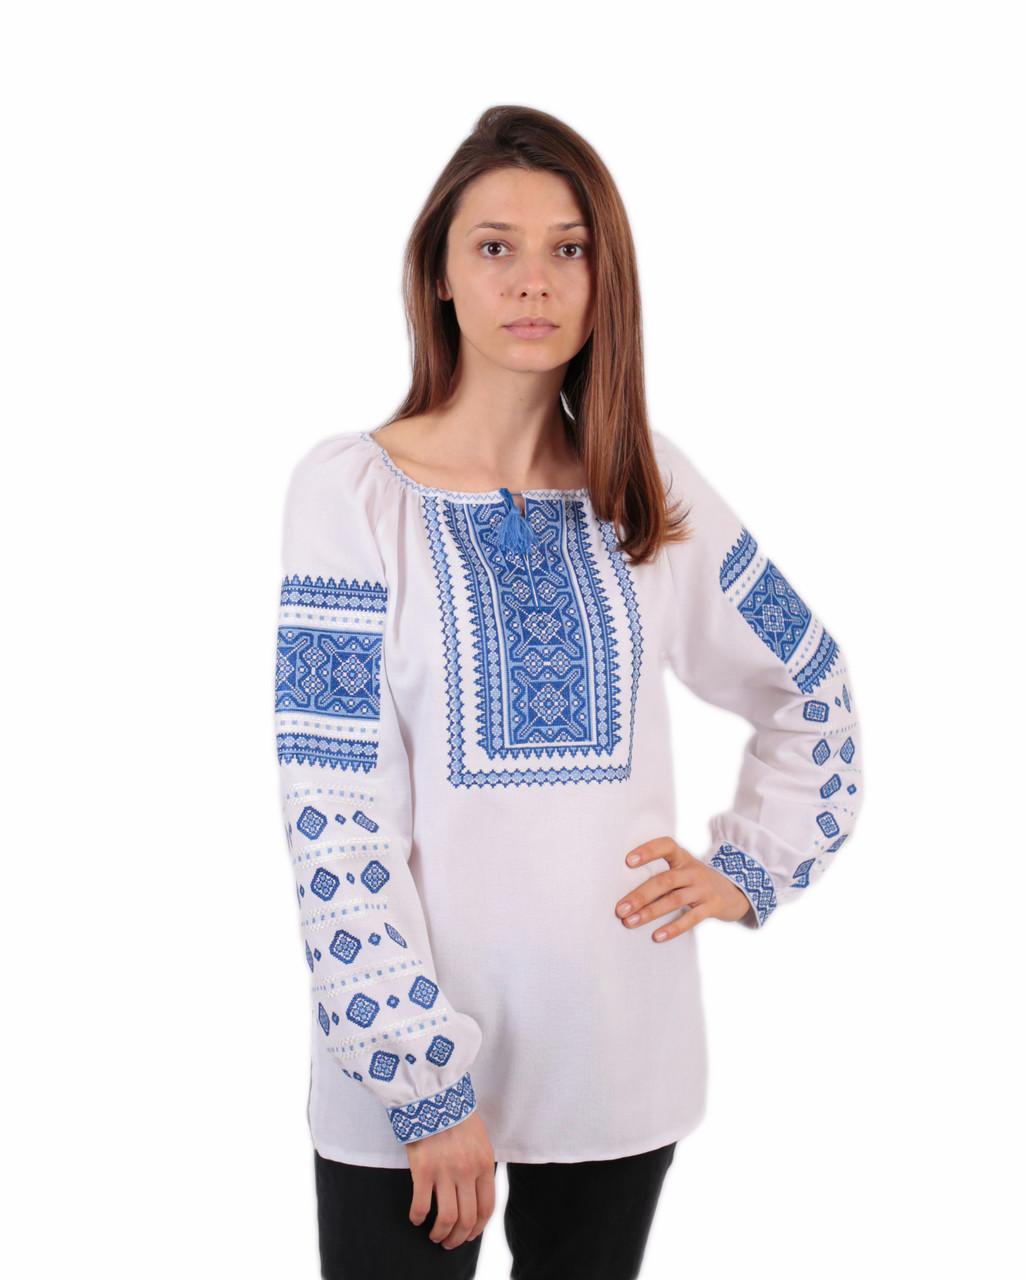 Жіноча вишиванка з голубим орнаментом з машинною вишивкою недорого